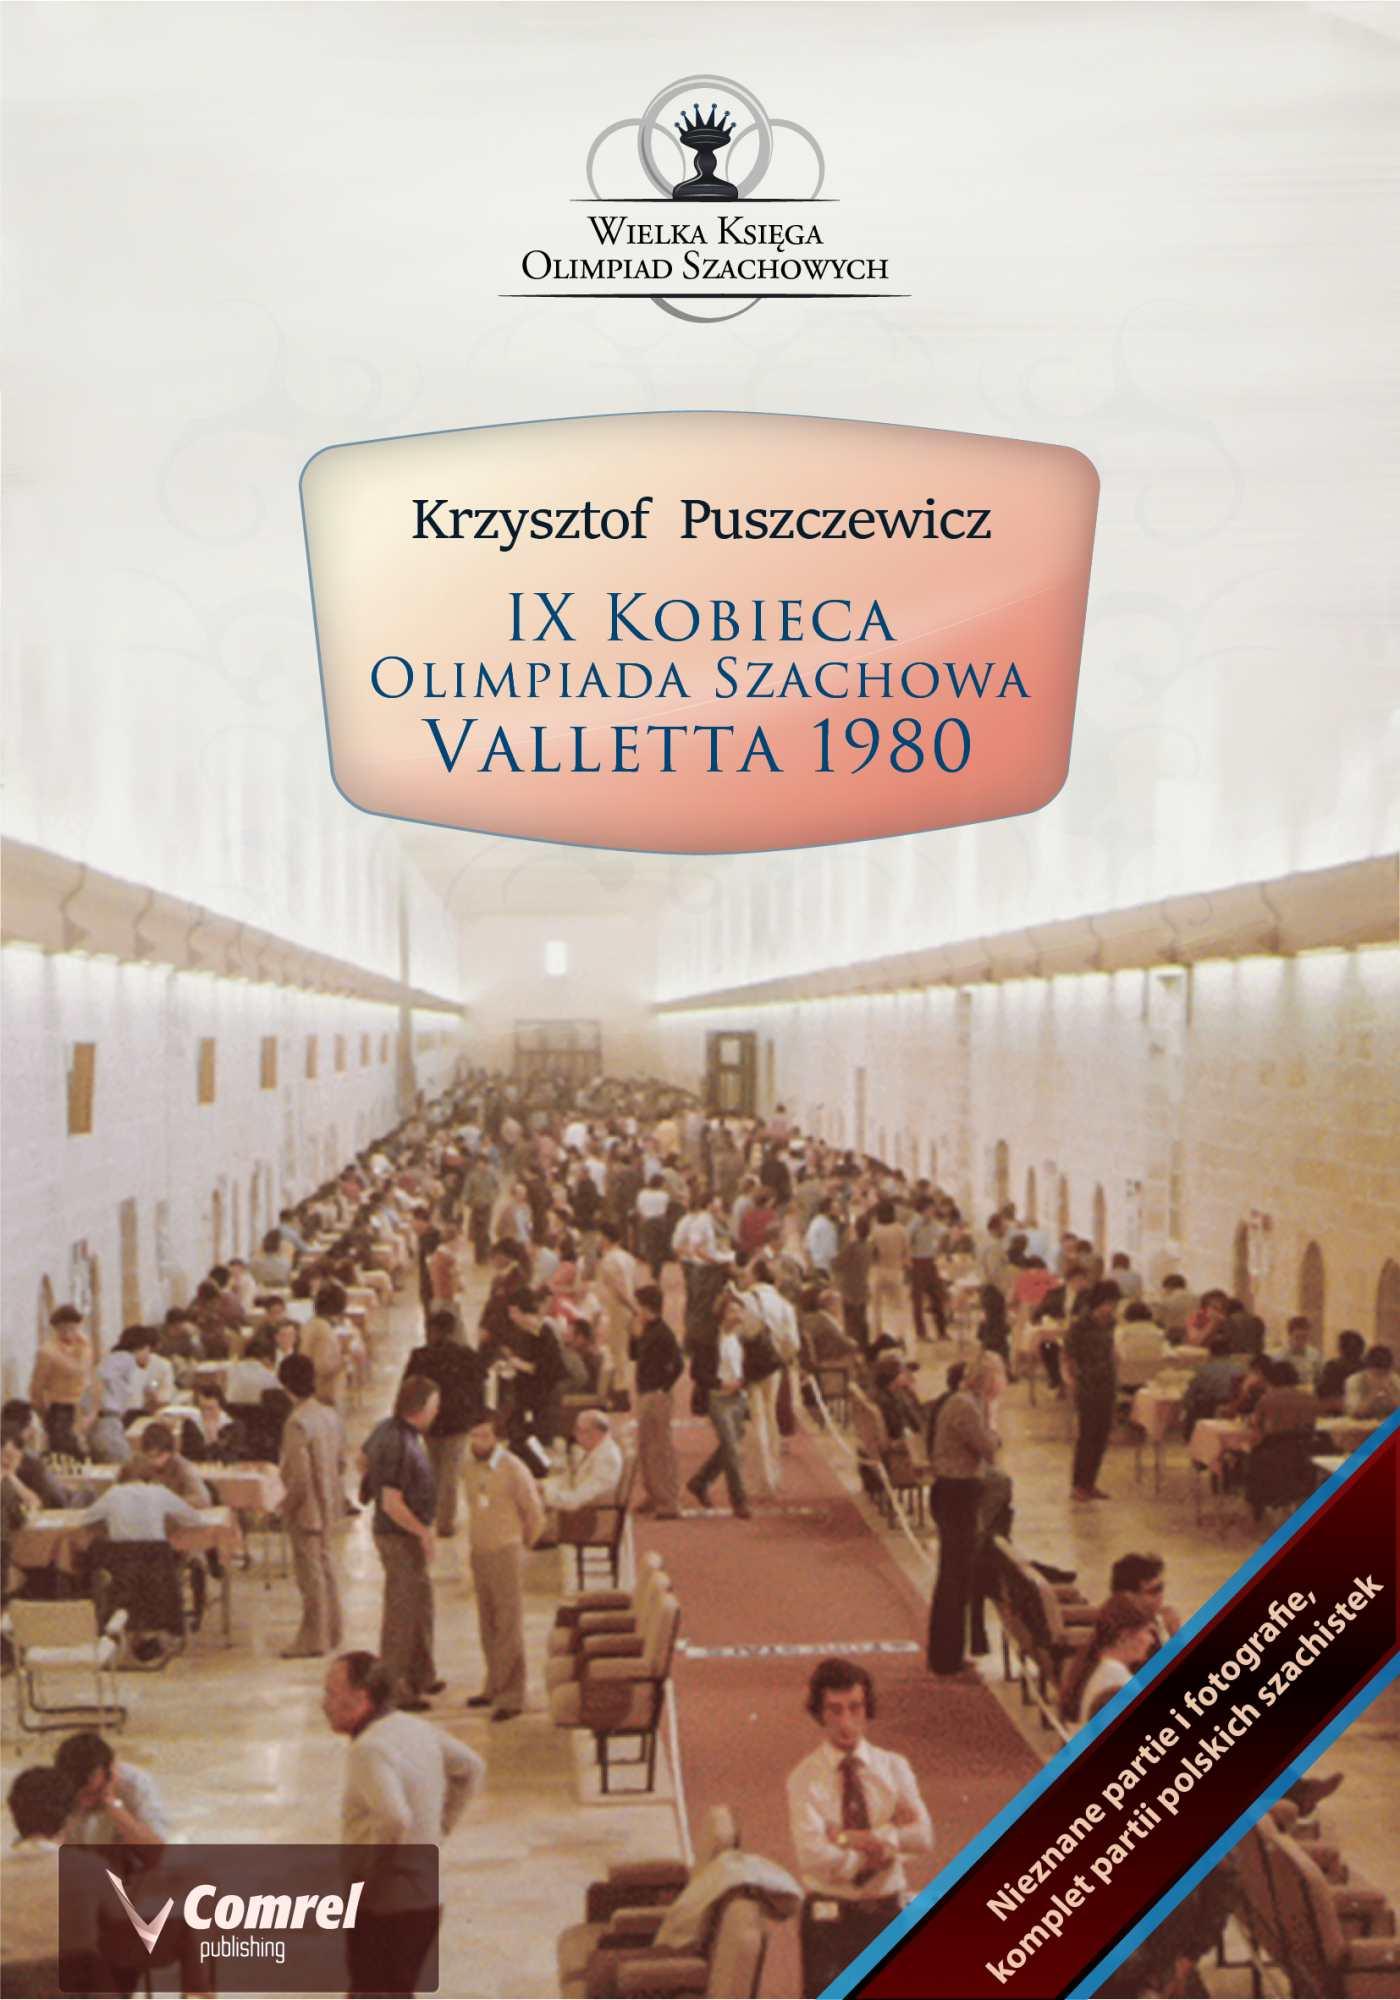 IX Kobieca Olimpiada Szachowa - Valletta 1980 - Ebook (Książka PDF) do pobrania w formacie PDF